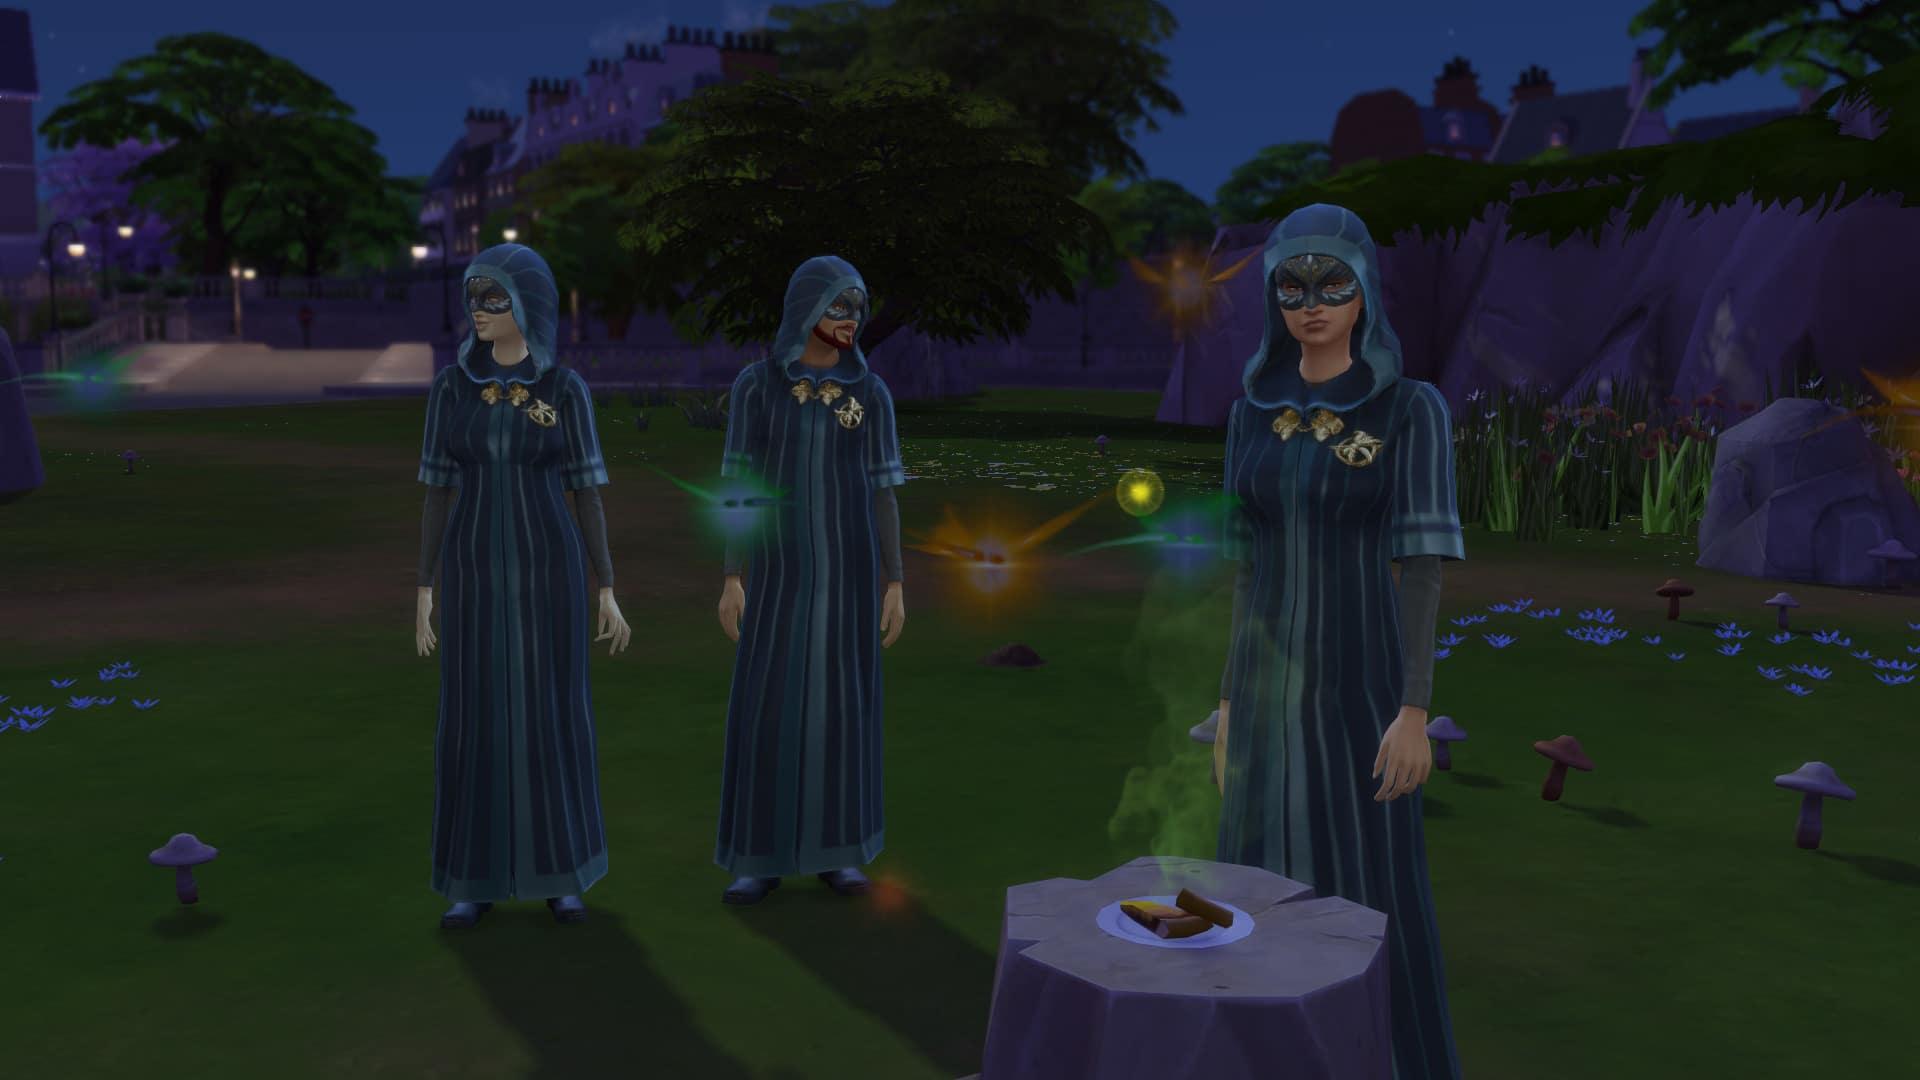 Membres société secrète Sims 4 À la Fac